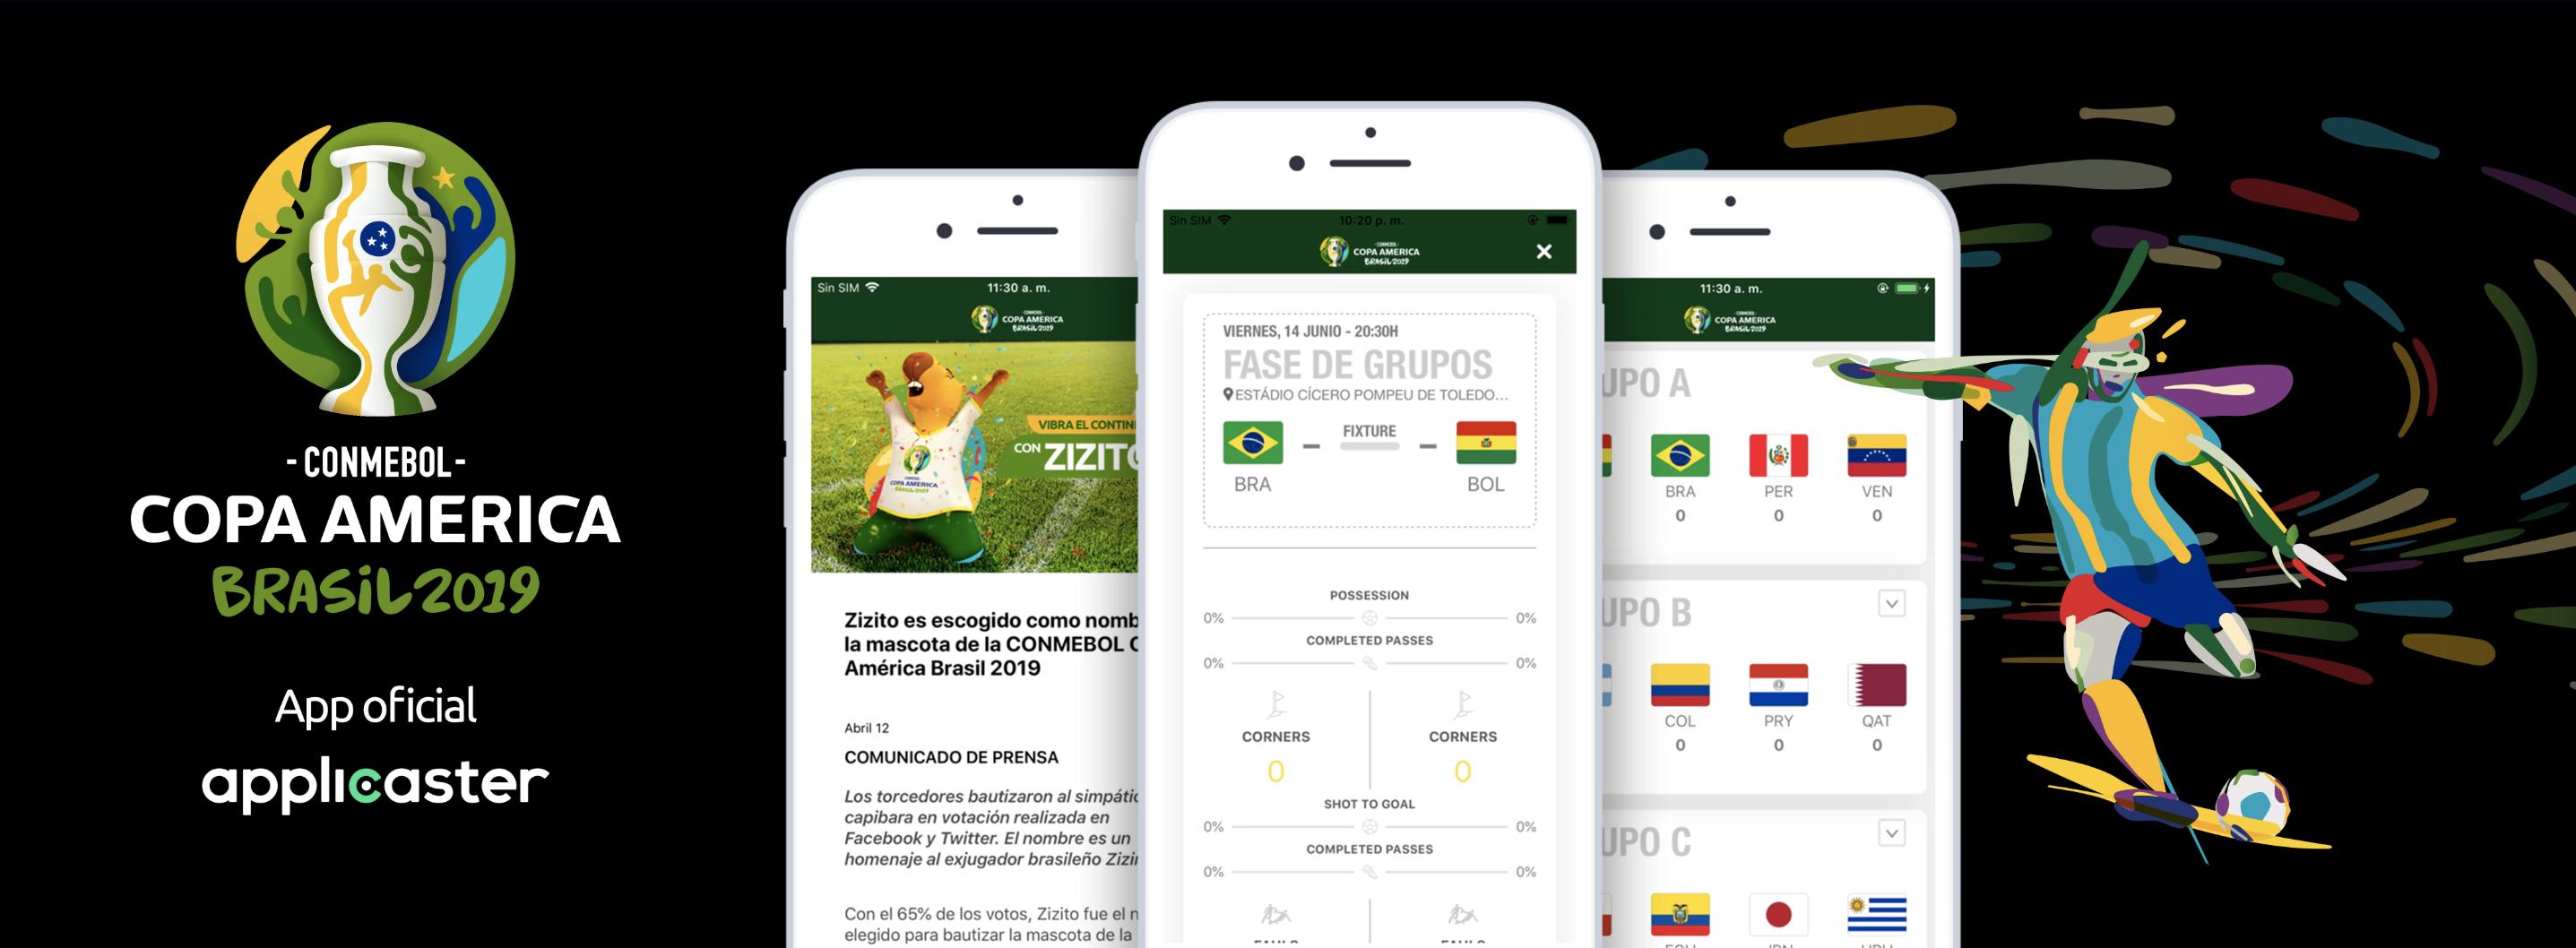 La CONMEBOL Copa América Brasil 2019 elige a Applicaster para optimizar la experiencia en línea y en dispositivos de los fanáticos